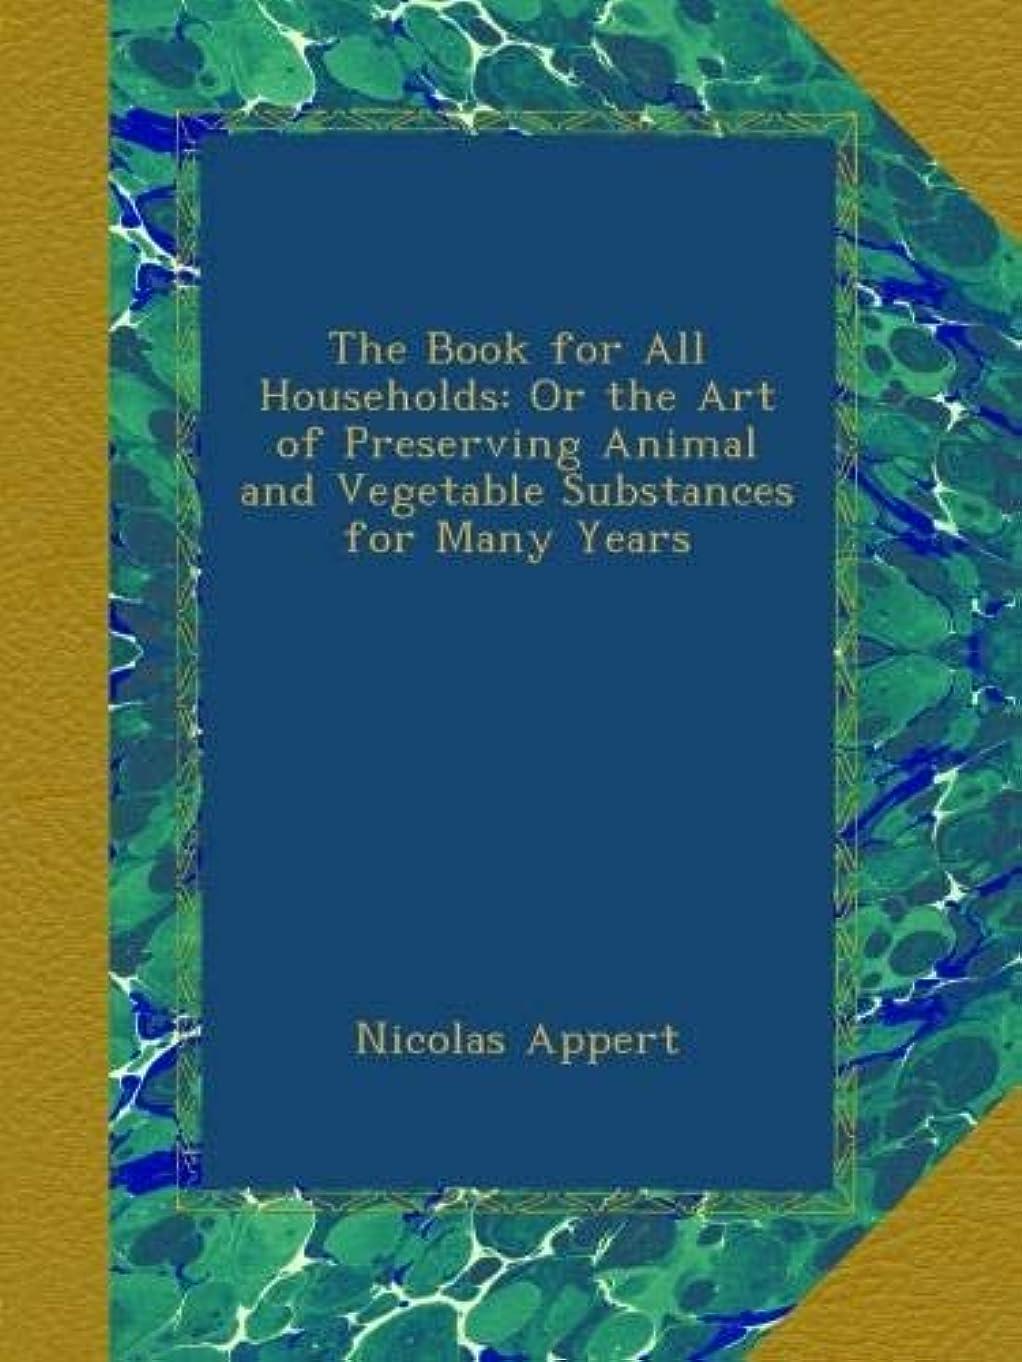 パワーセル処方宙返りThe Book for All Households: Or the Art of Preserving Animal and Vegetable Substances for Many Years